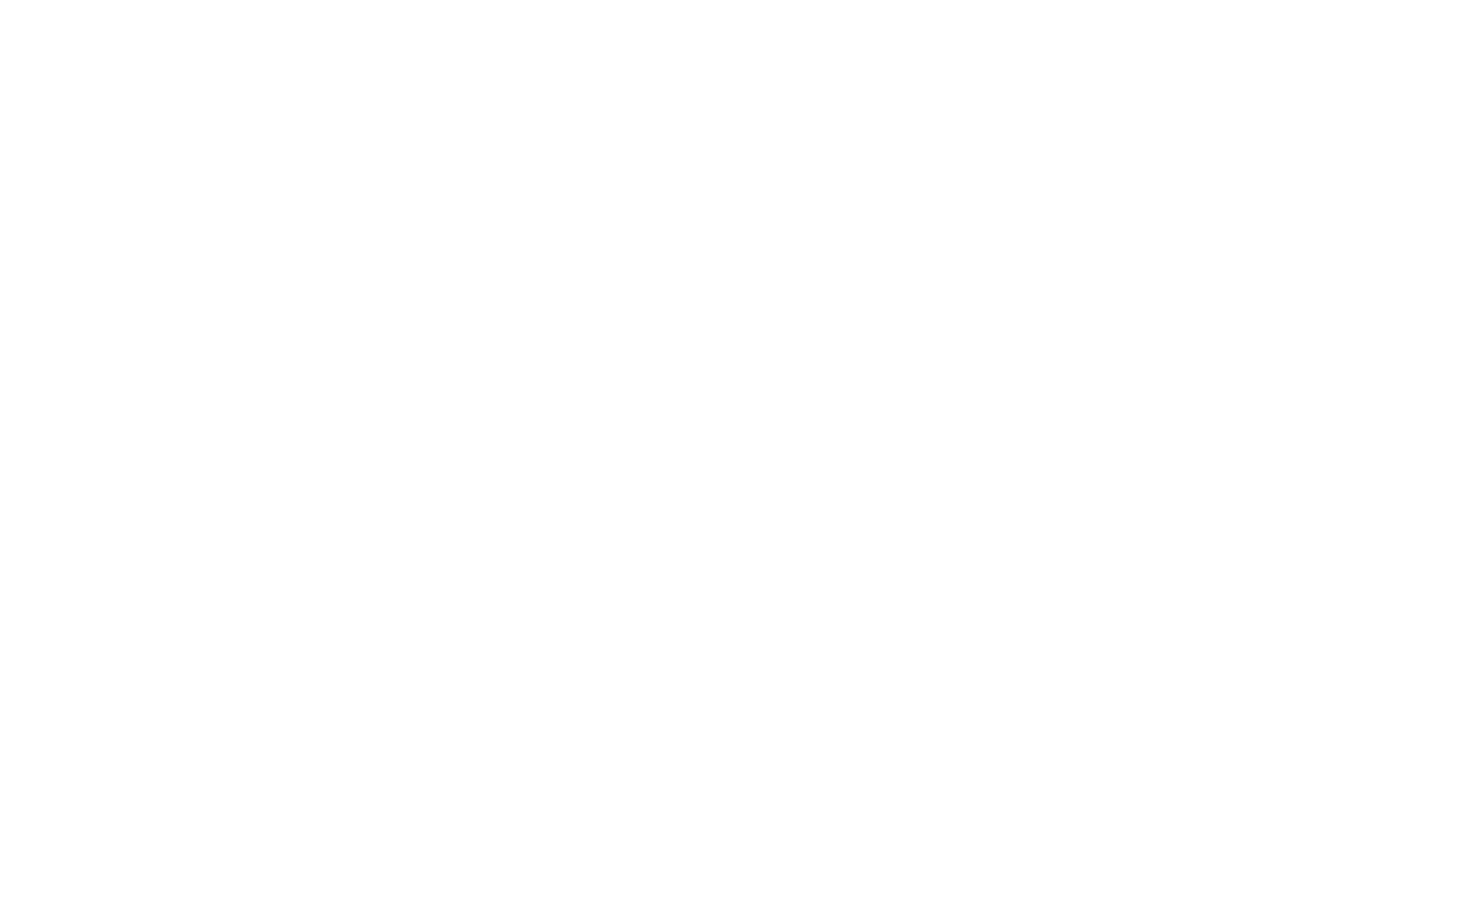 2019-WSFF Jury AwardWhite.png